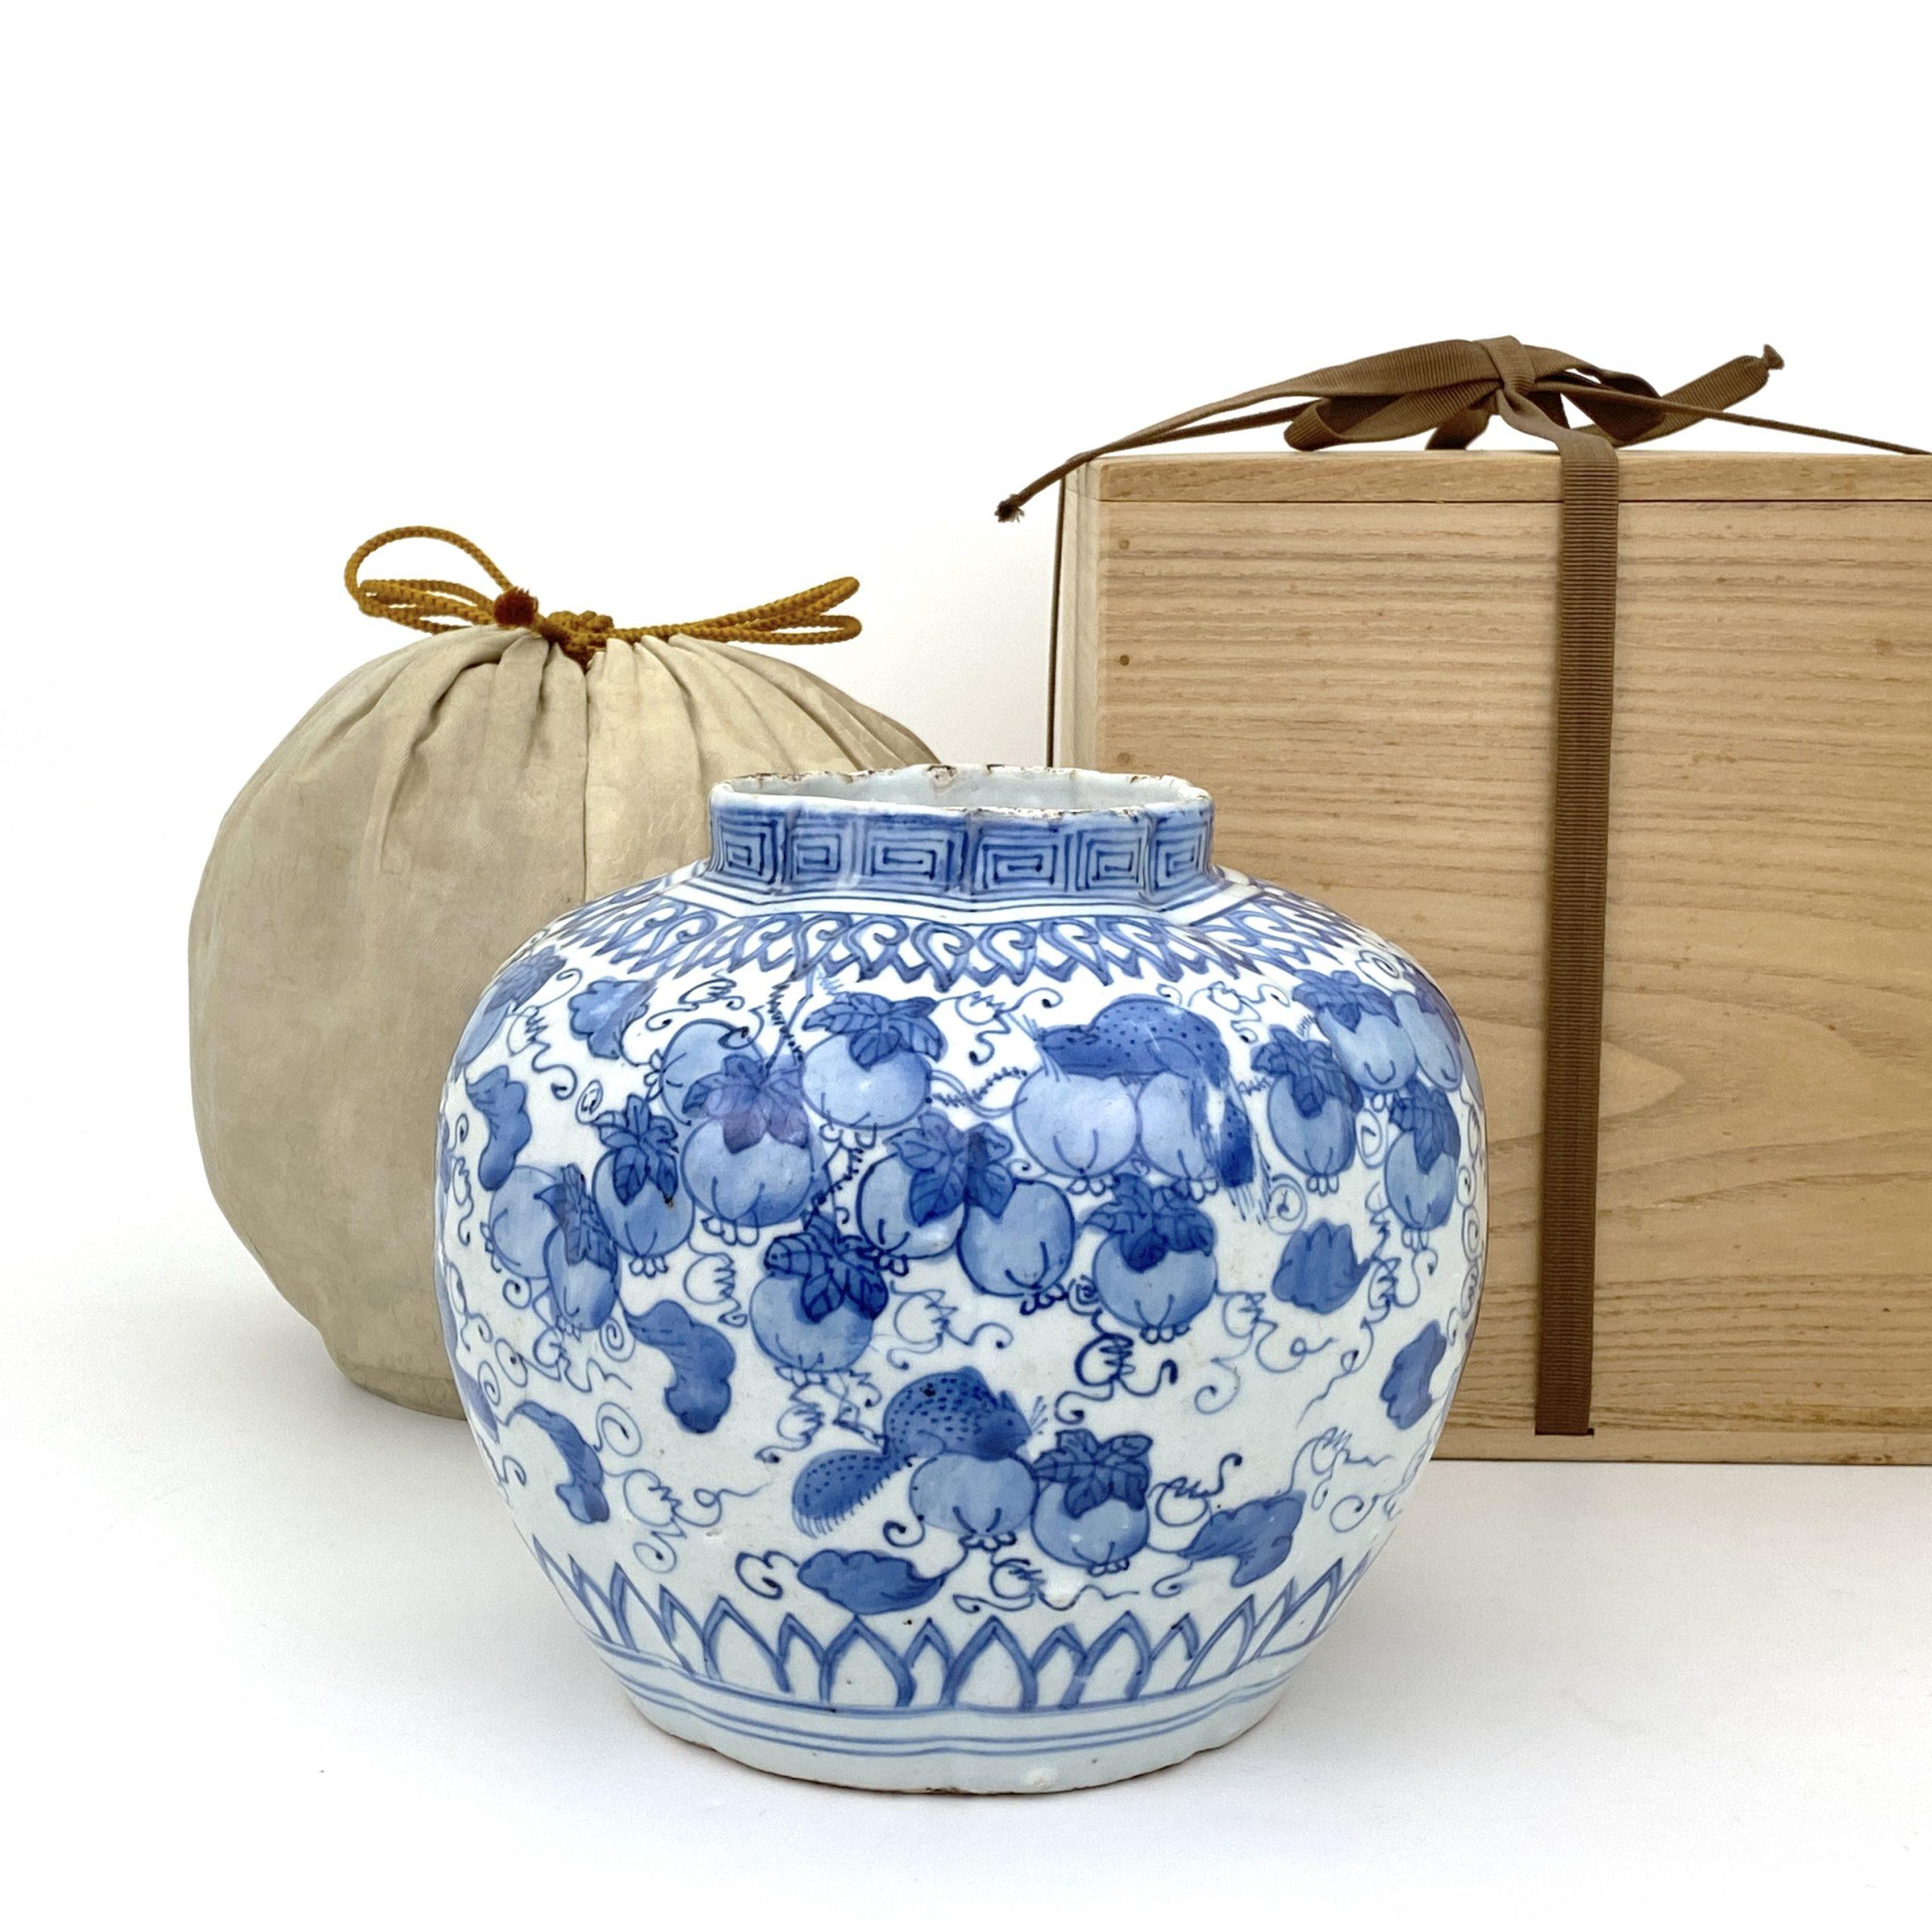 21240明末清初 青花 葡萄松鼠図 瓜形 壺